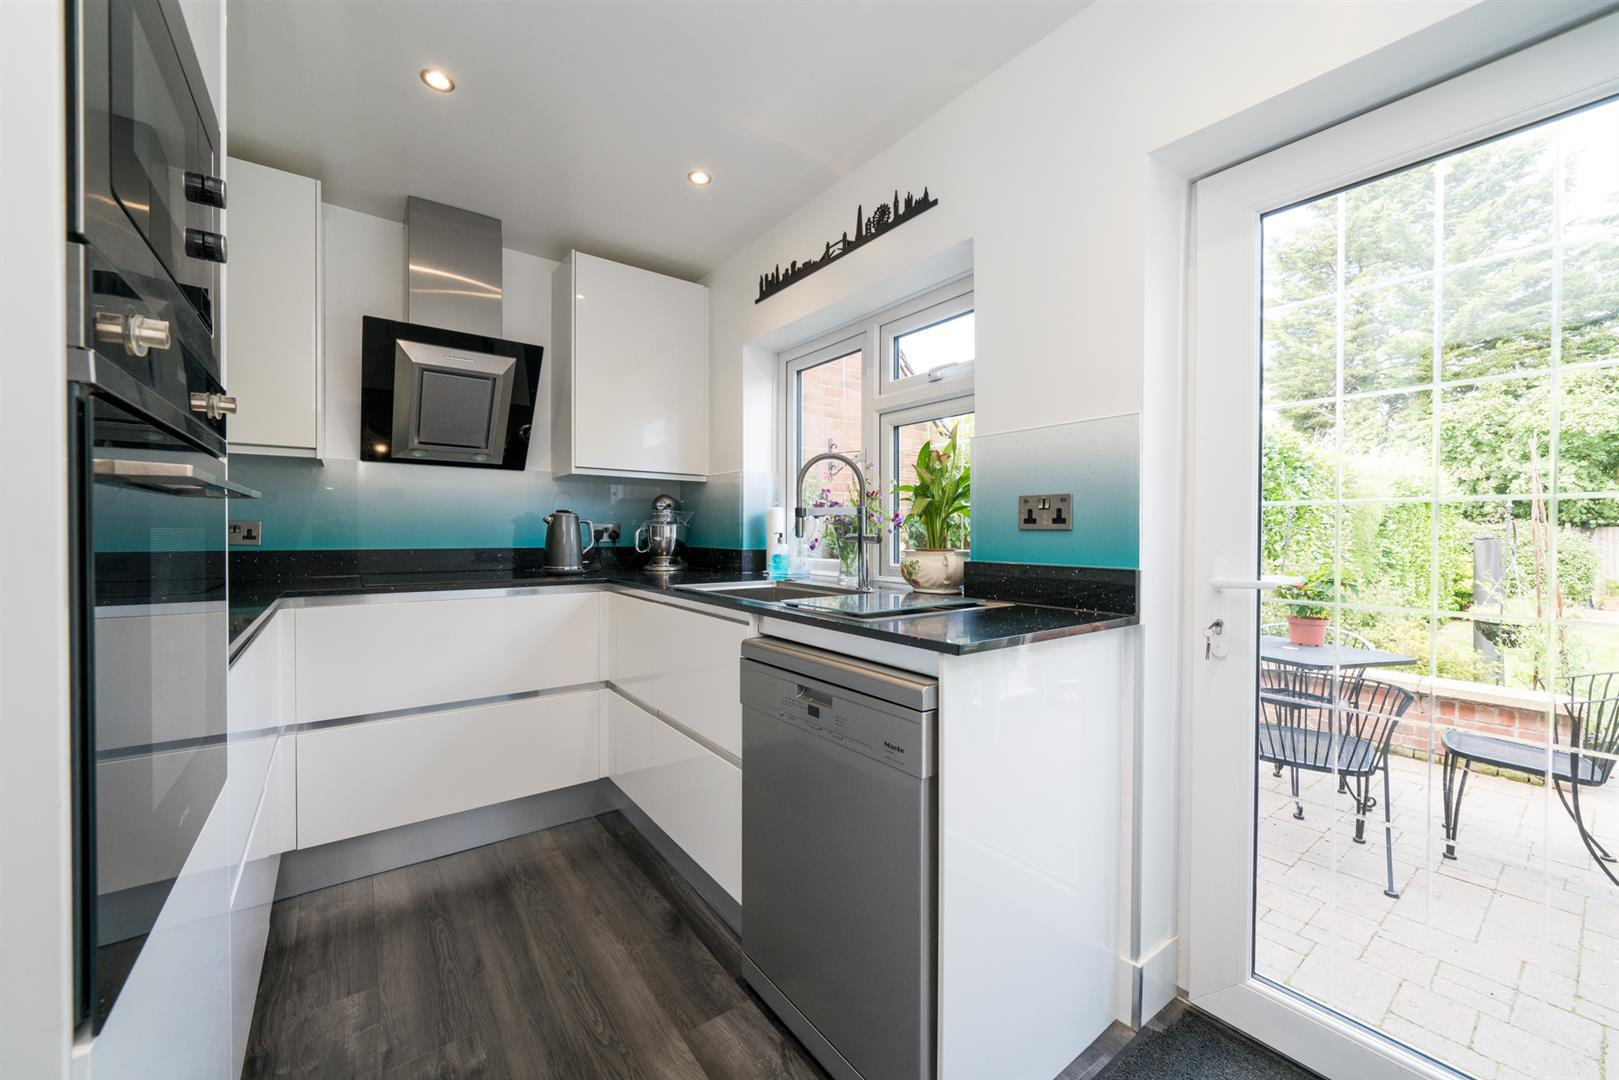 12-Ranelagh-Road-1009 -kitchen.jpg